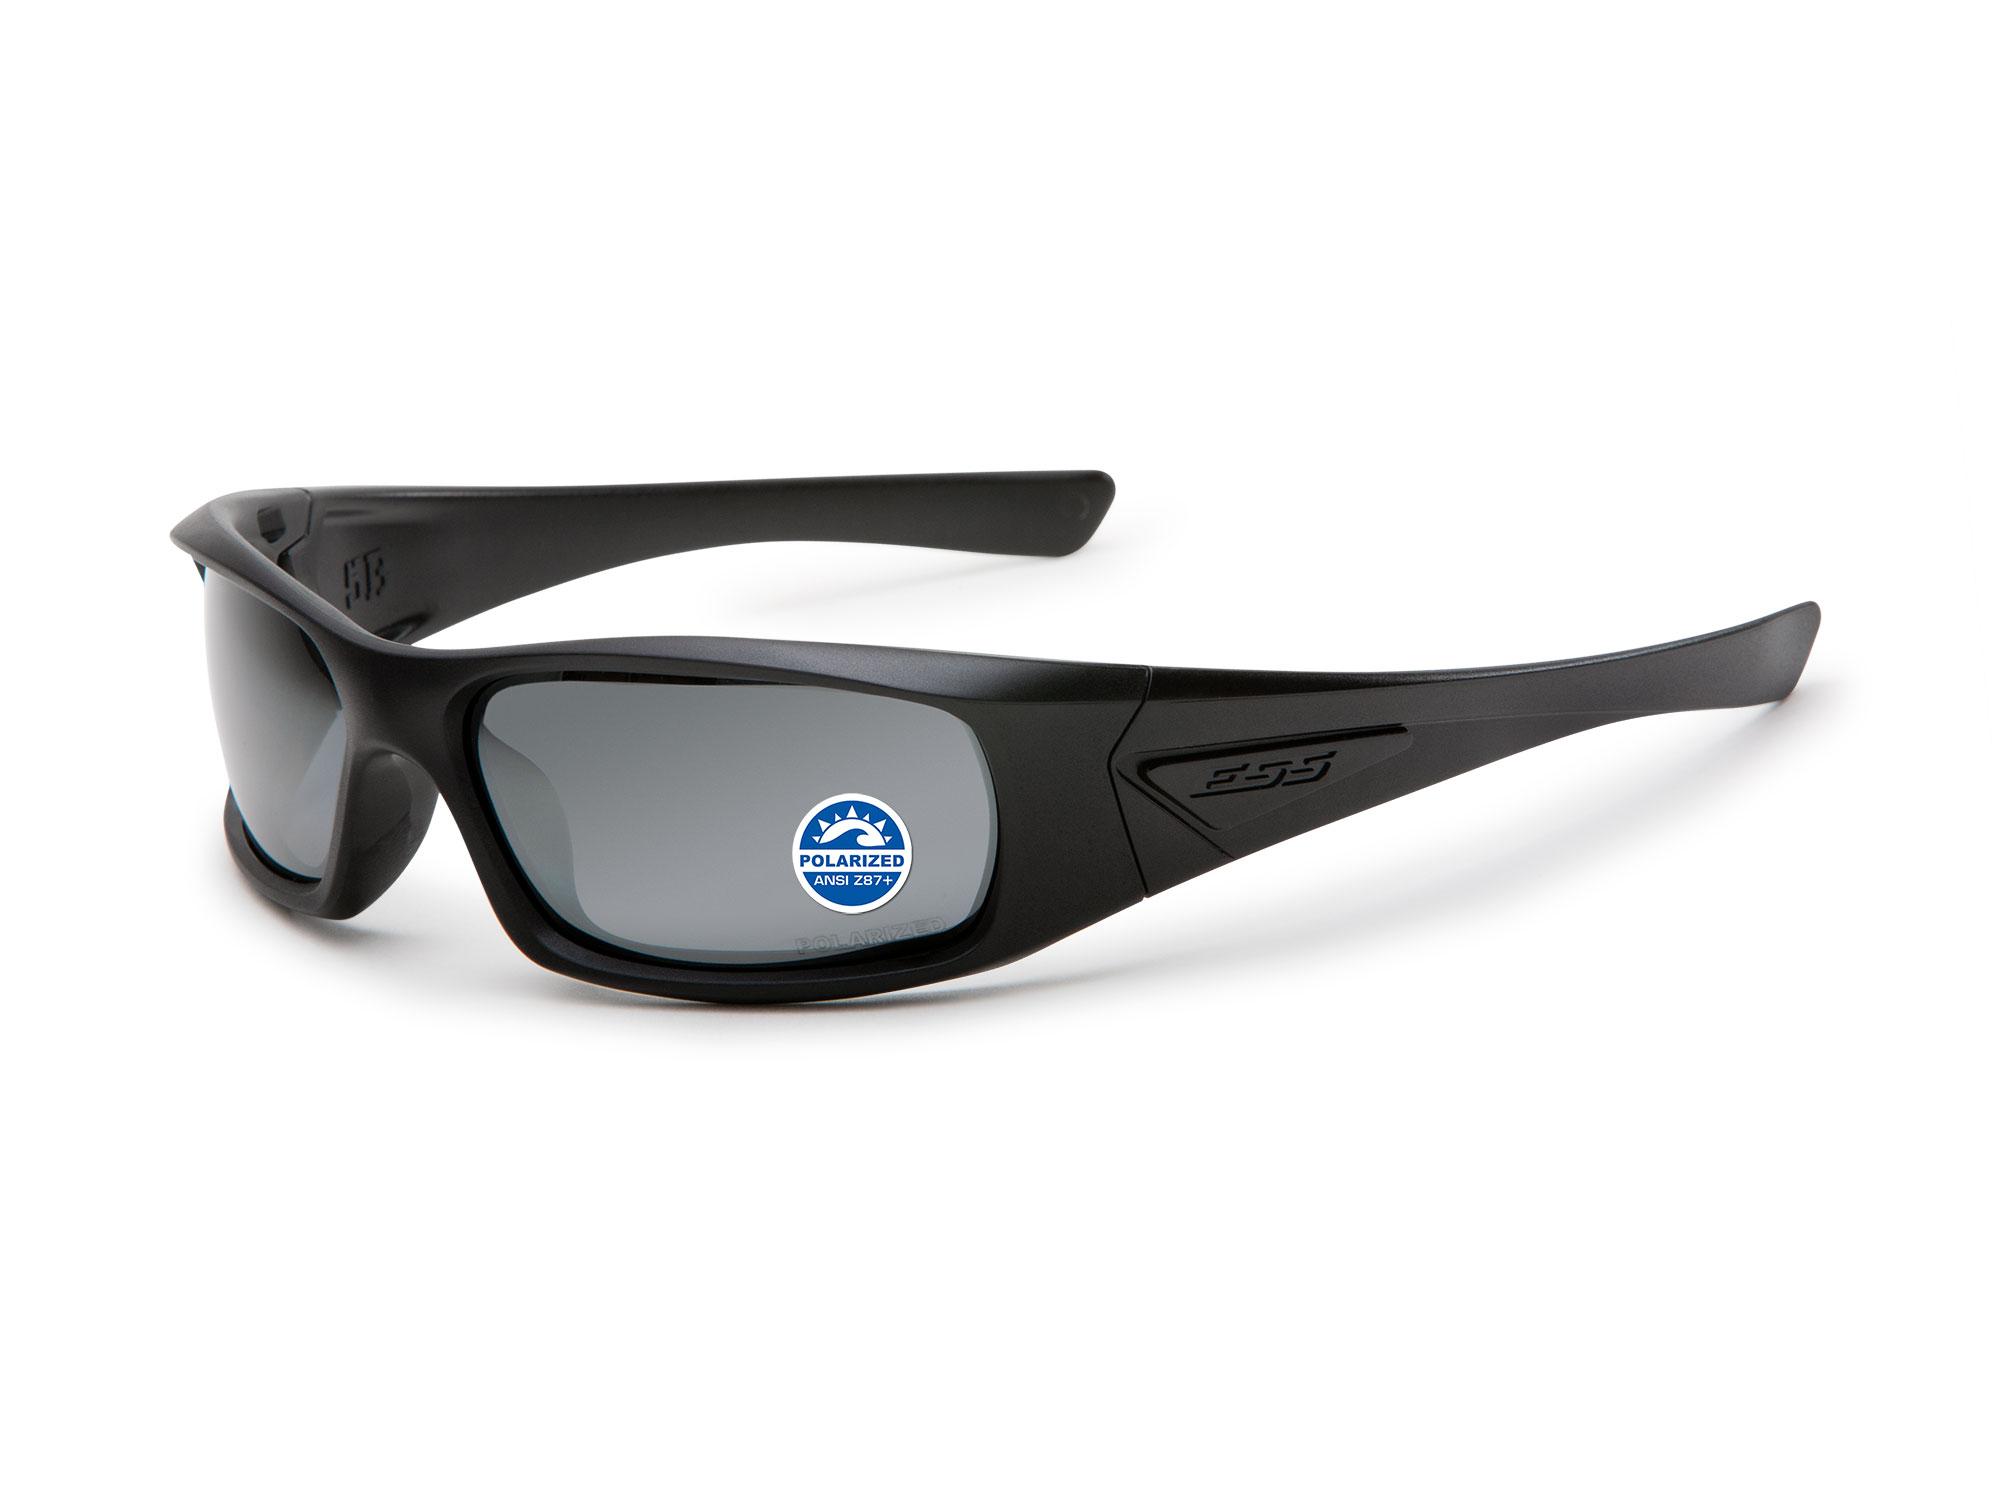 EE9006-03フレーム:ブラック、レンズ:偏光ミラーグレイ